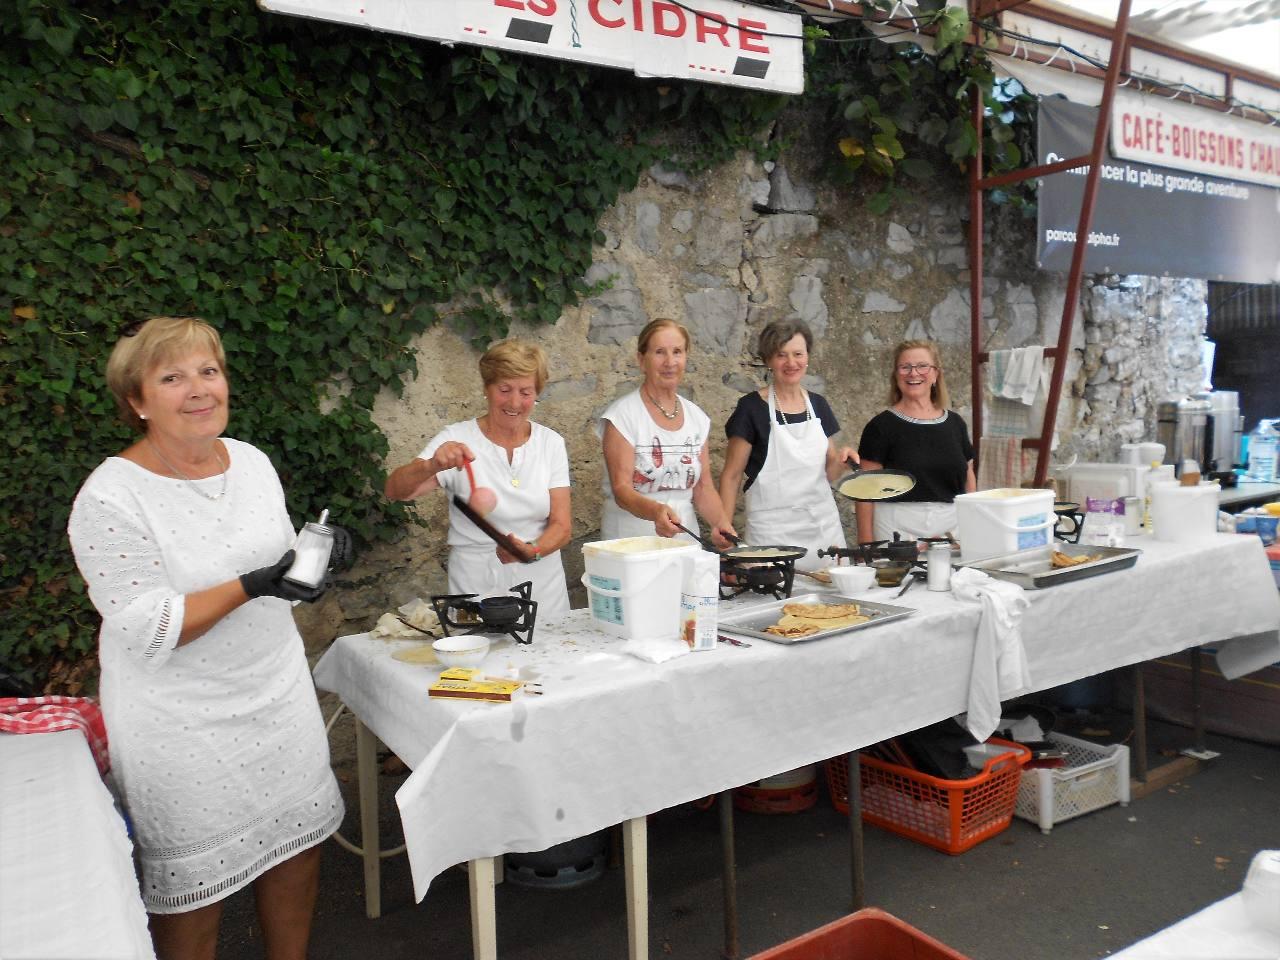 L'équipe pour les crêpes à manger sur place ou à emporter - grand succès !